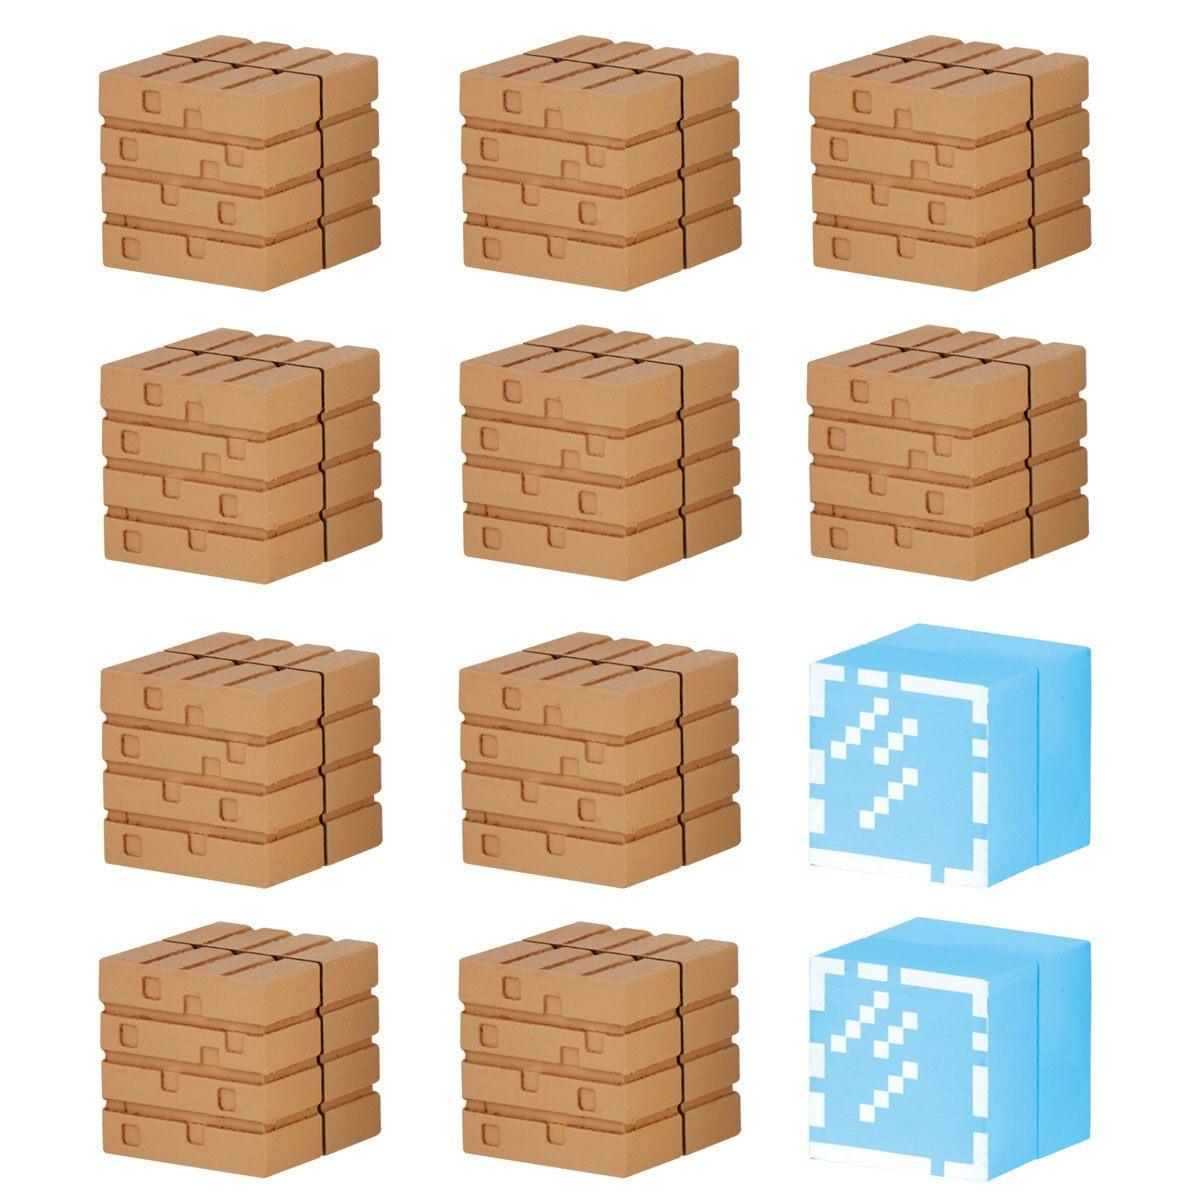 Minecraft Mine-Keshi Figures 2- 4 cm Block Set Wood Planks & Glass